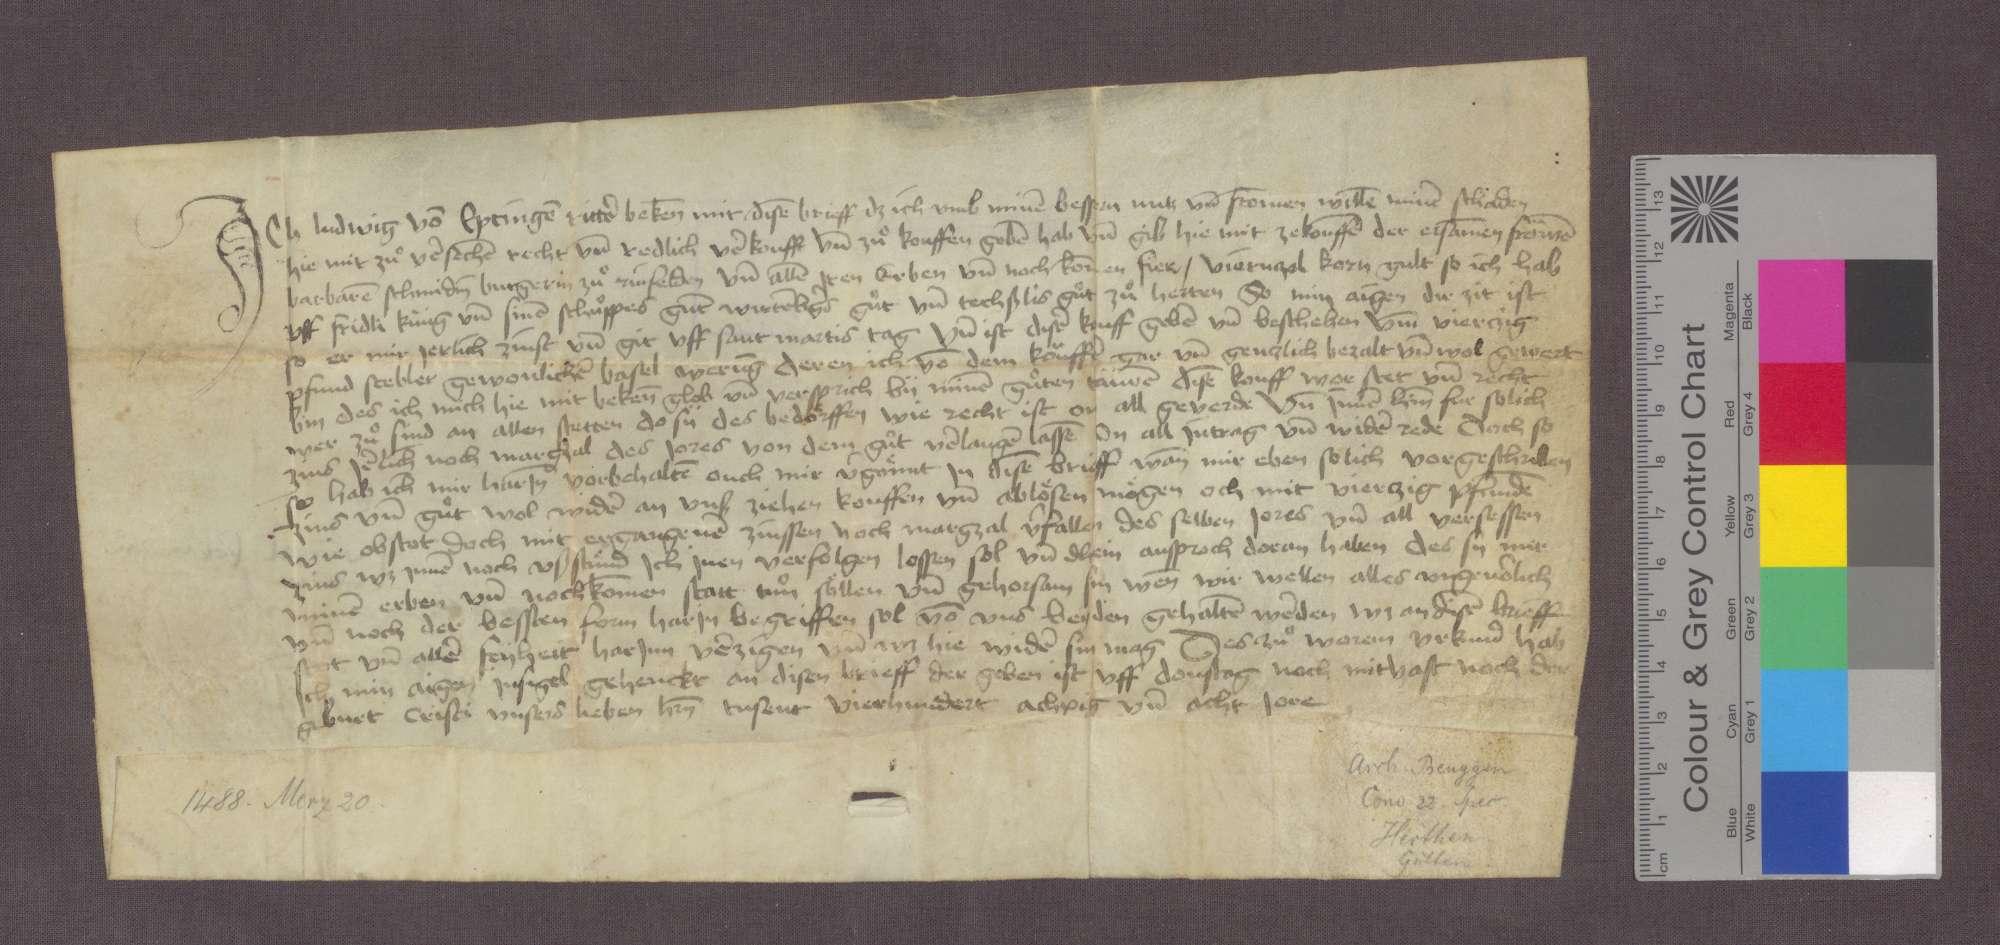 Ludwig von Eptingen verkauft an Frau Barbara Schmid zu Rheinfelden eine Gült von 4 Viernzel Korn von Gütern zu Herten um 40 Pfund Stebler., Bild 1